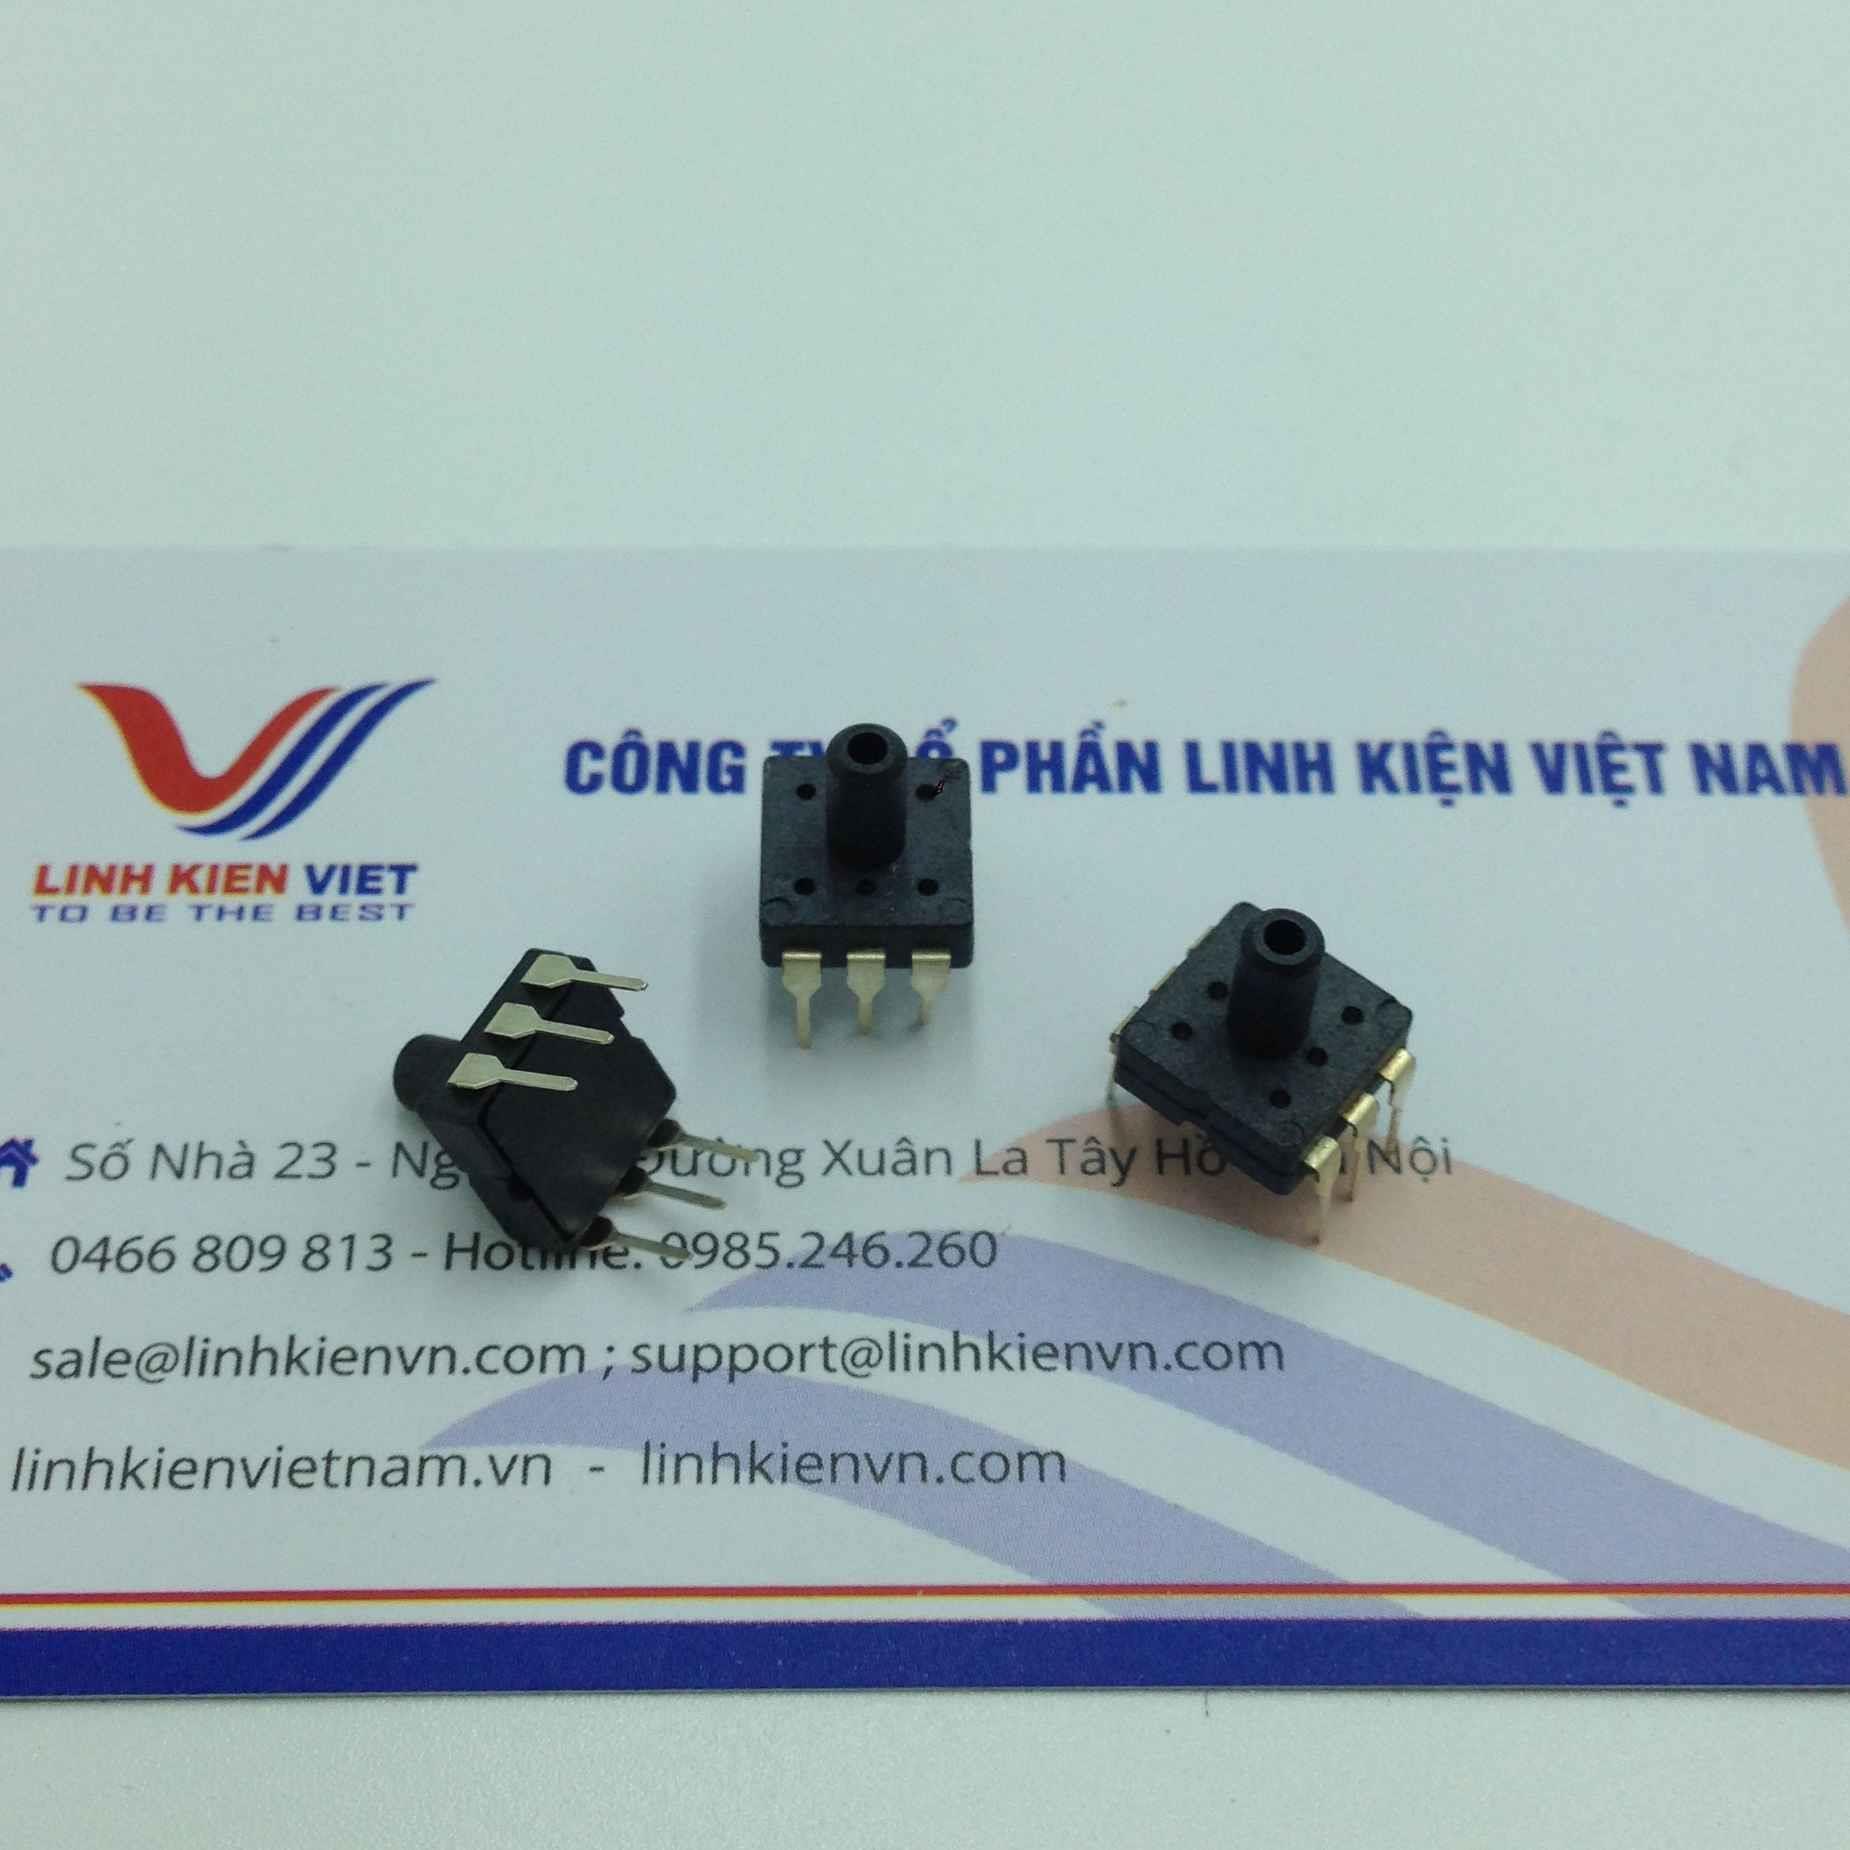 Cảm biến áp suất MPS20N0040D-D (0-40kPa) - E1H10